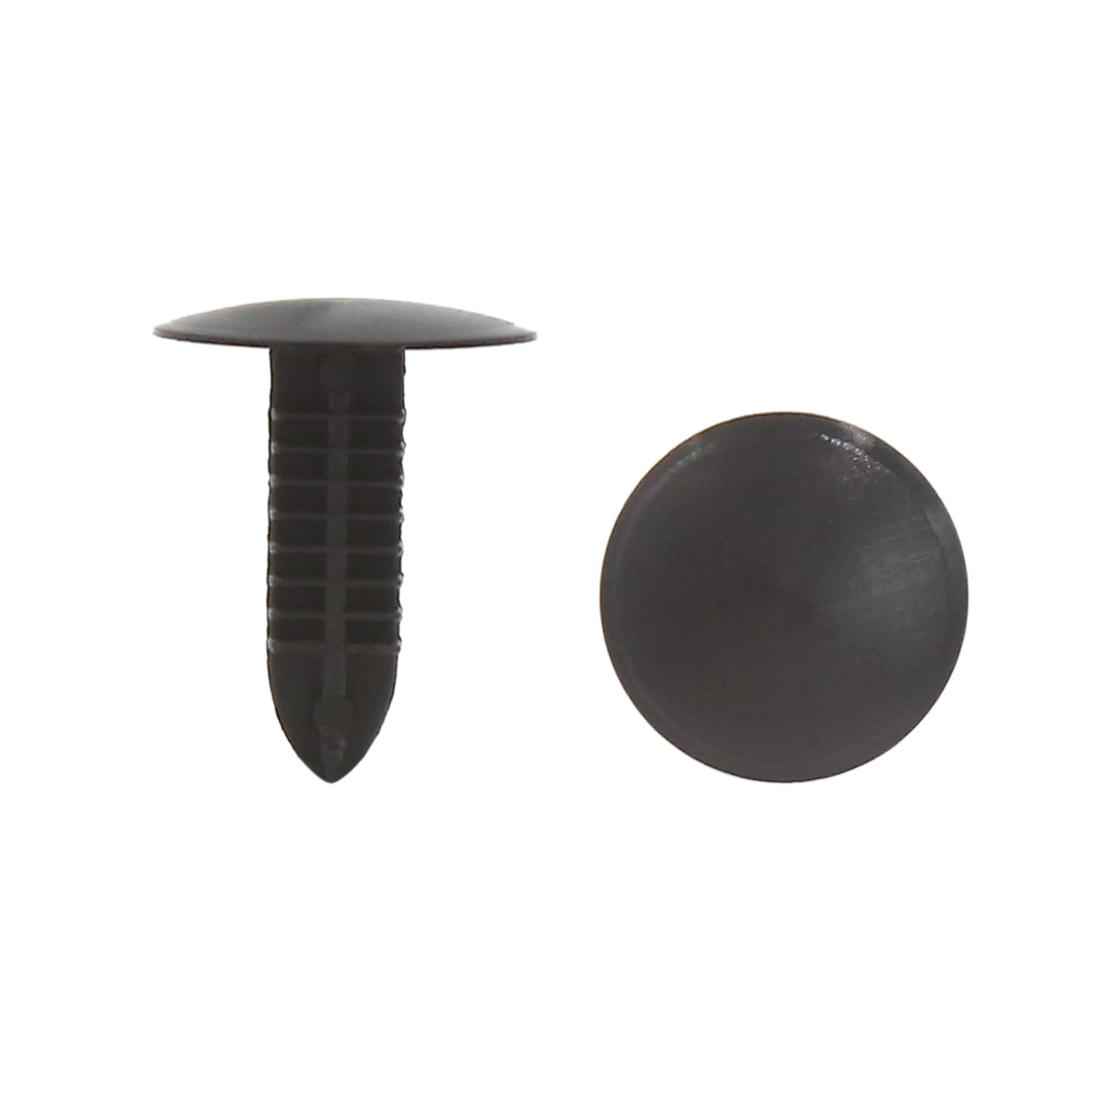 20Pcs Black Plastic Rivet Door Trim Panel Hood Moulding Clips 5 x 5mm for Car